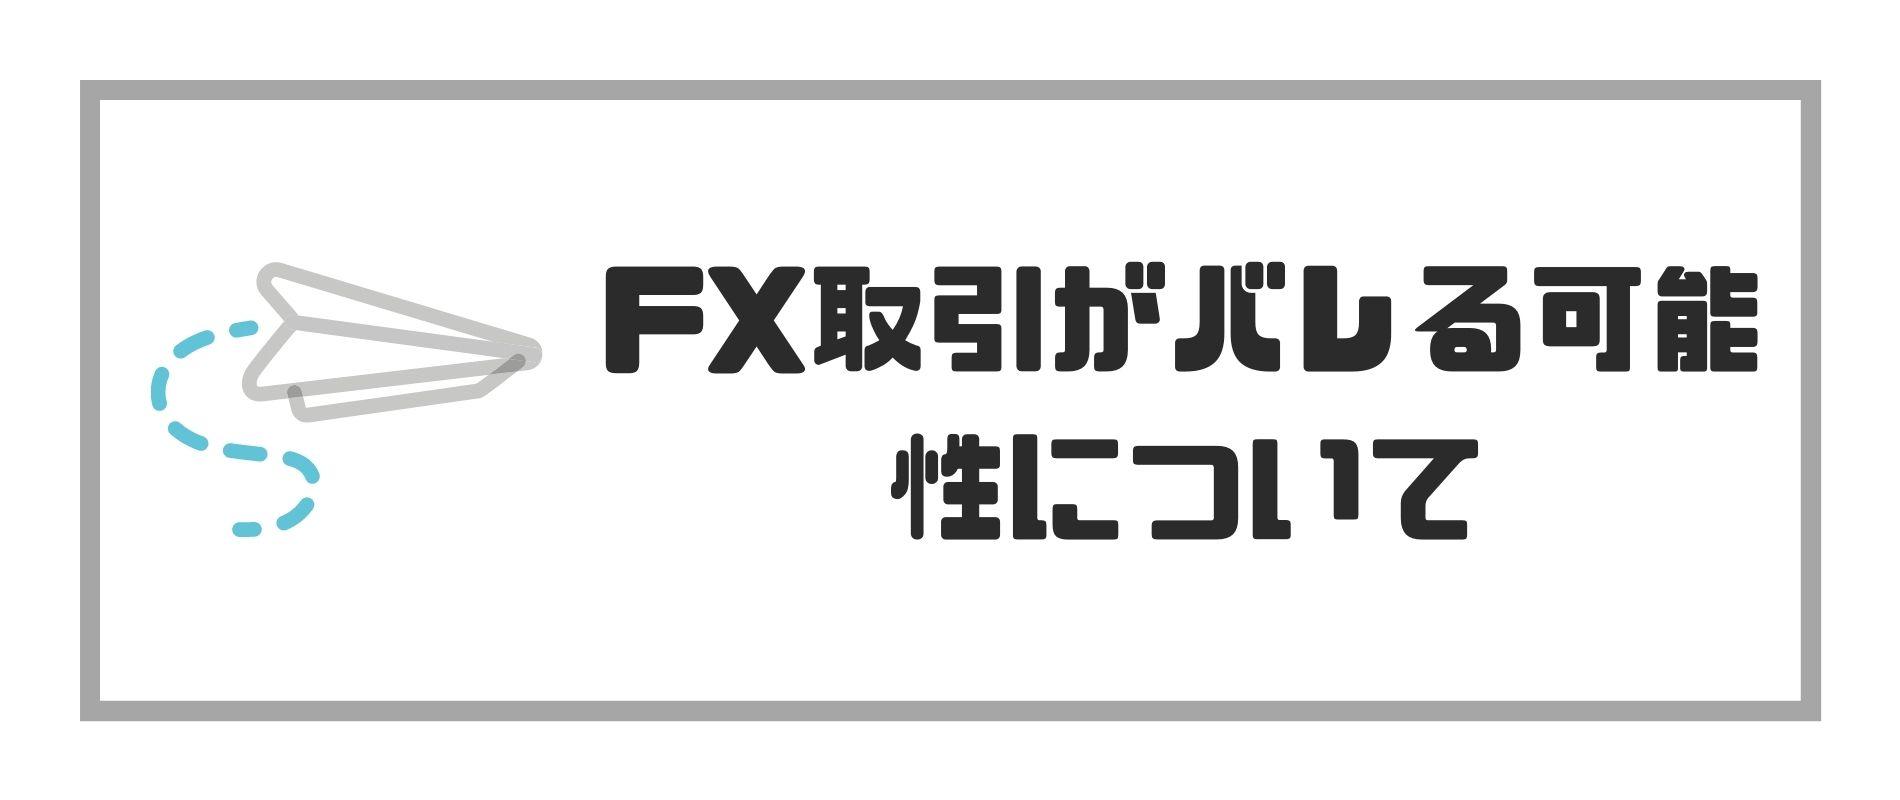 FX バレる可能性